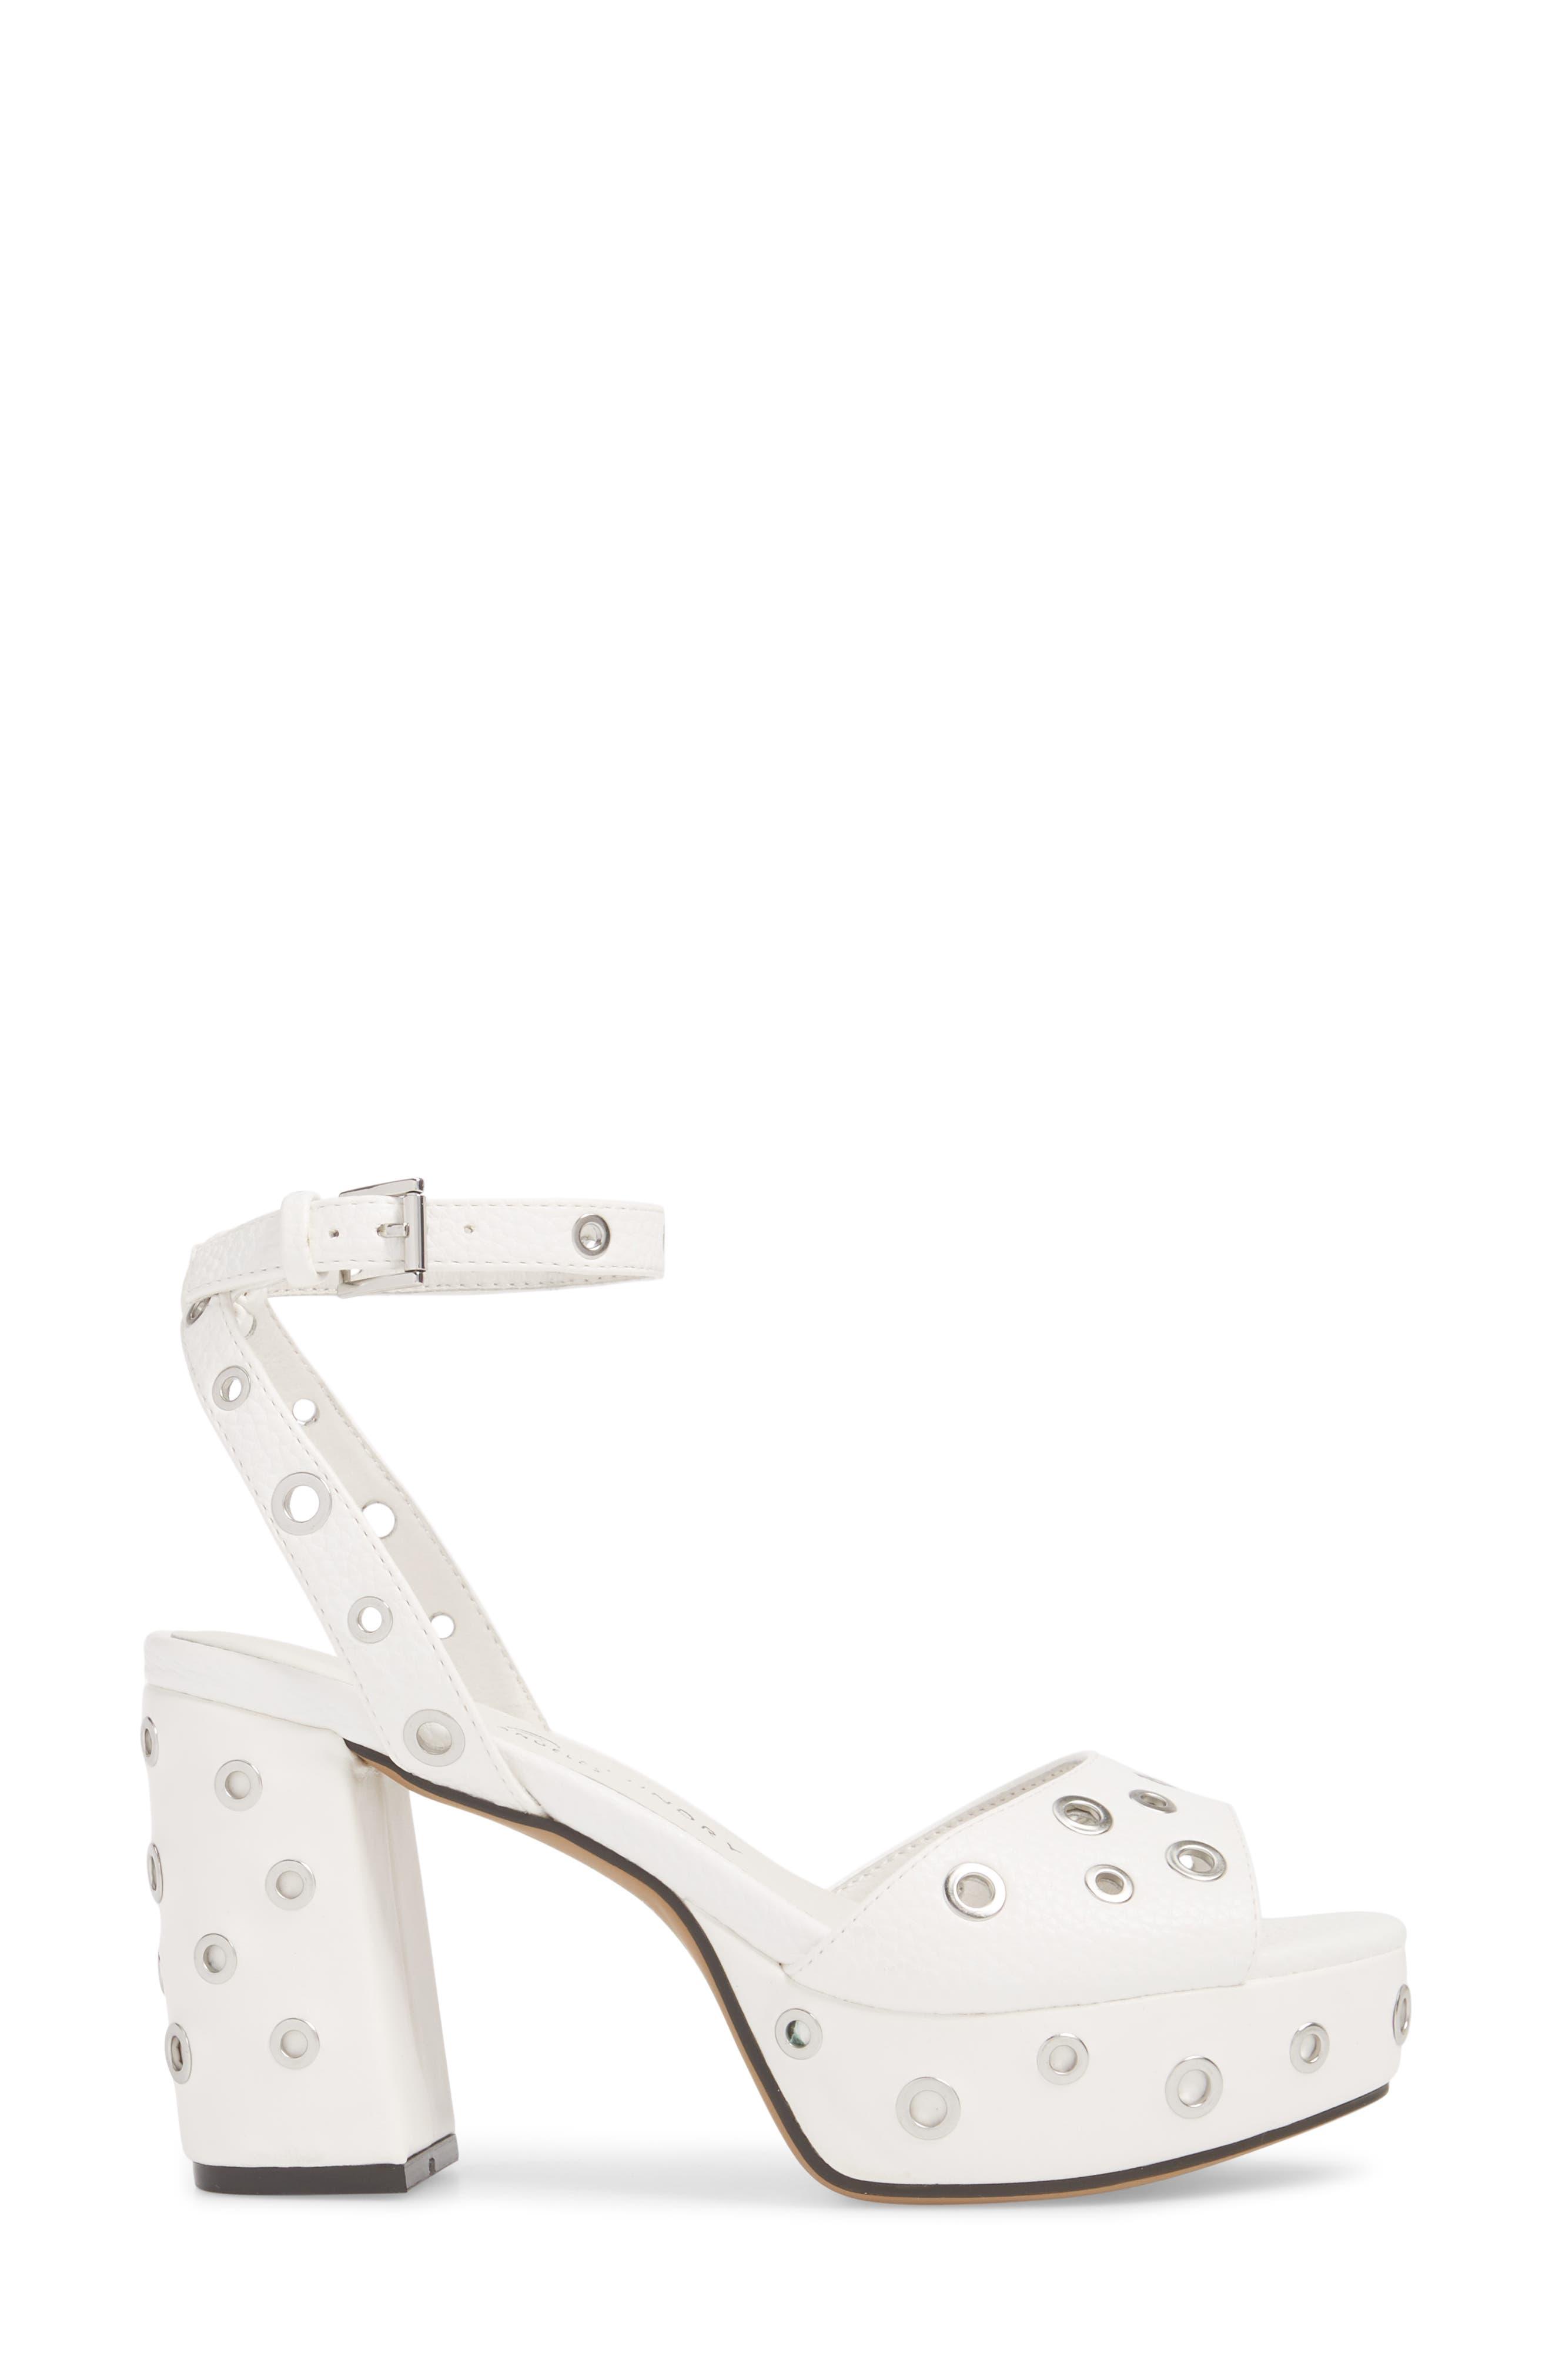 Tara Grommet Platform Sandal,                             Alternate thumbnail 3, color,                             100